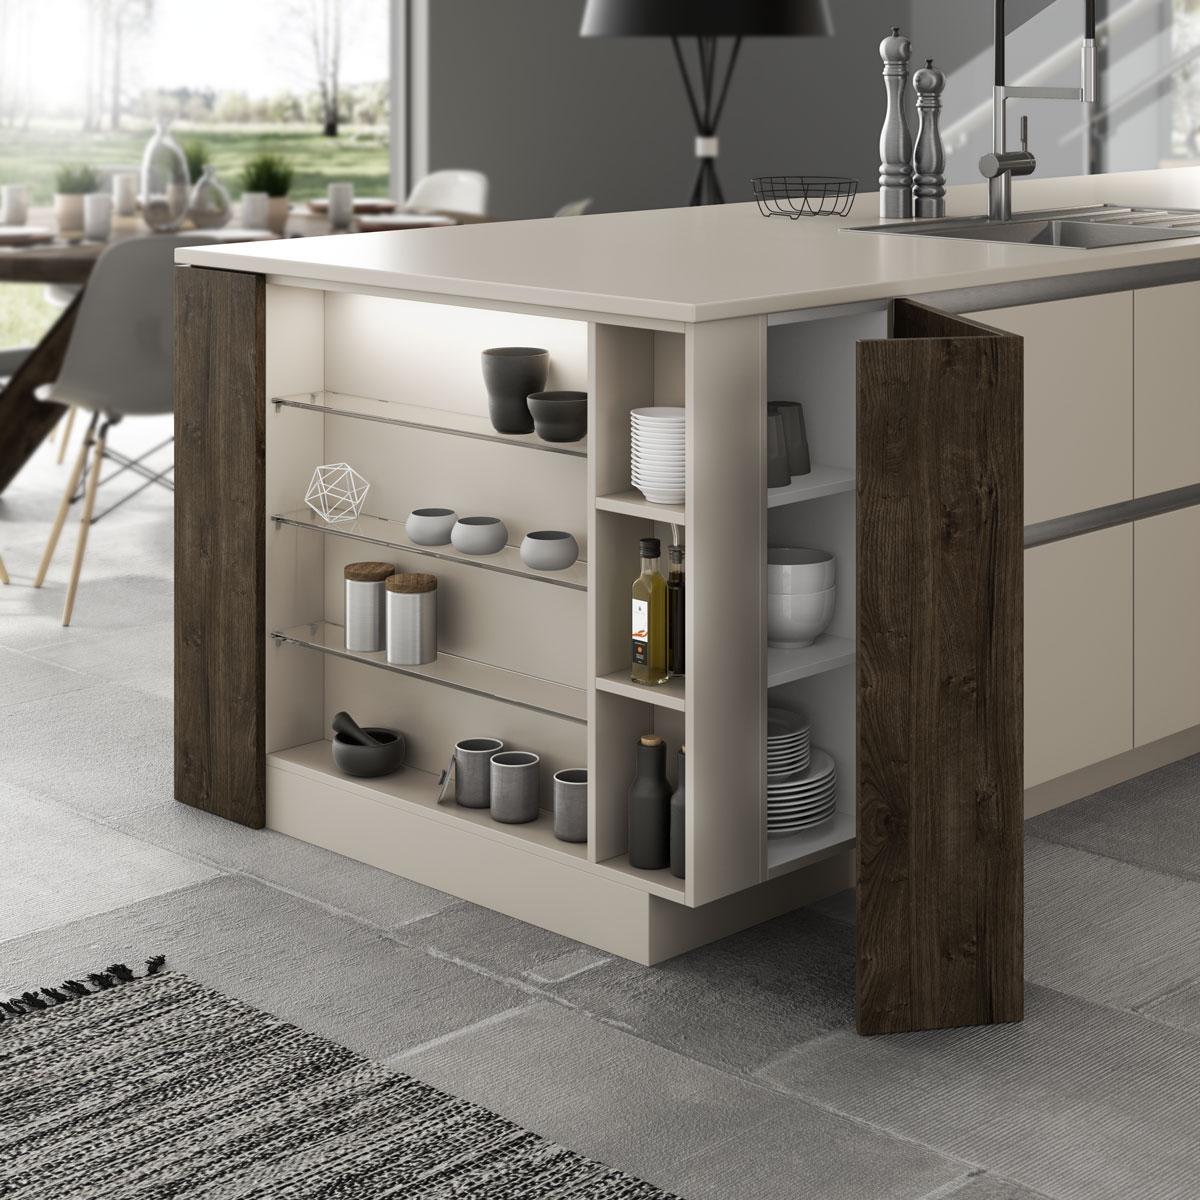 artego Küchen · Versteckter Platz